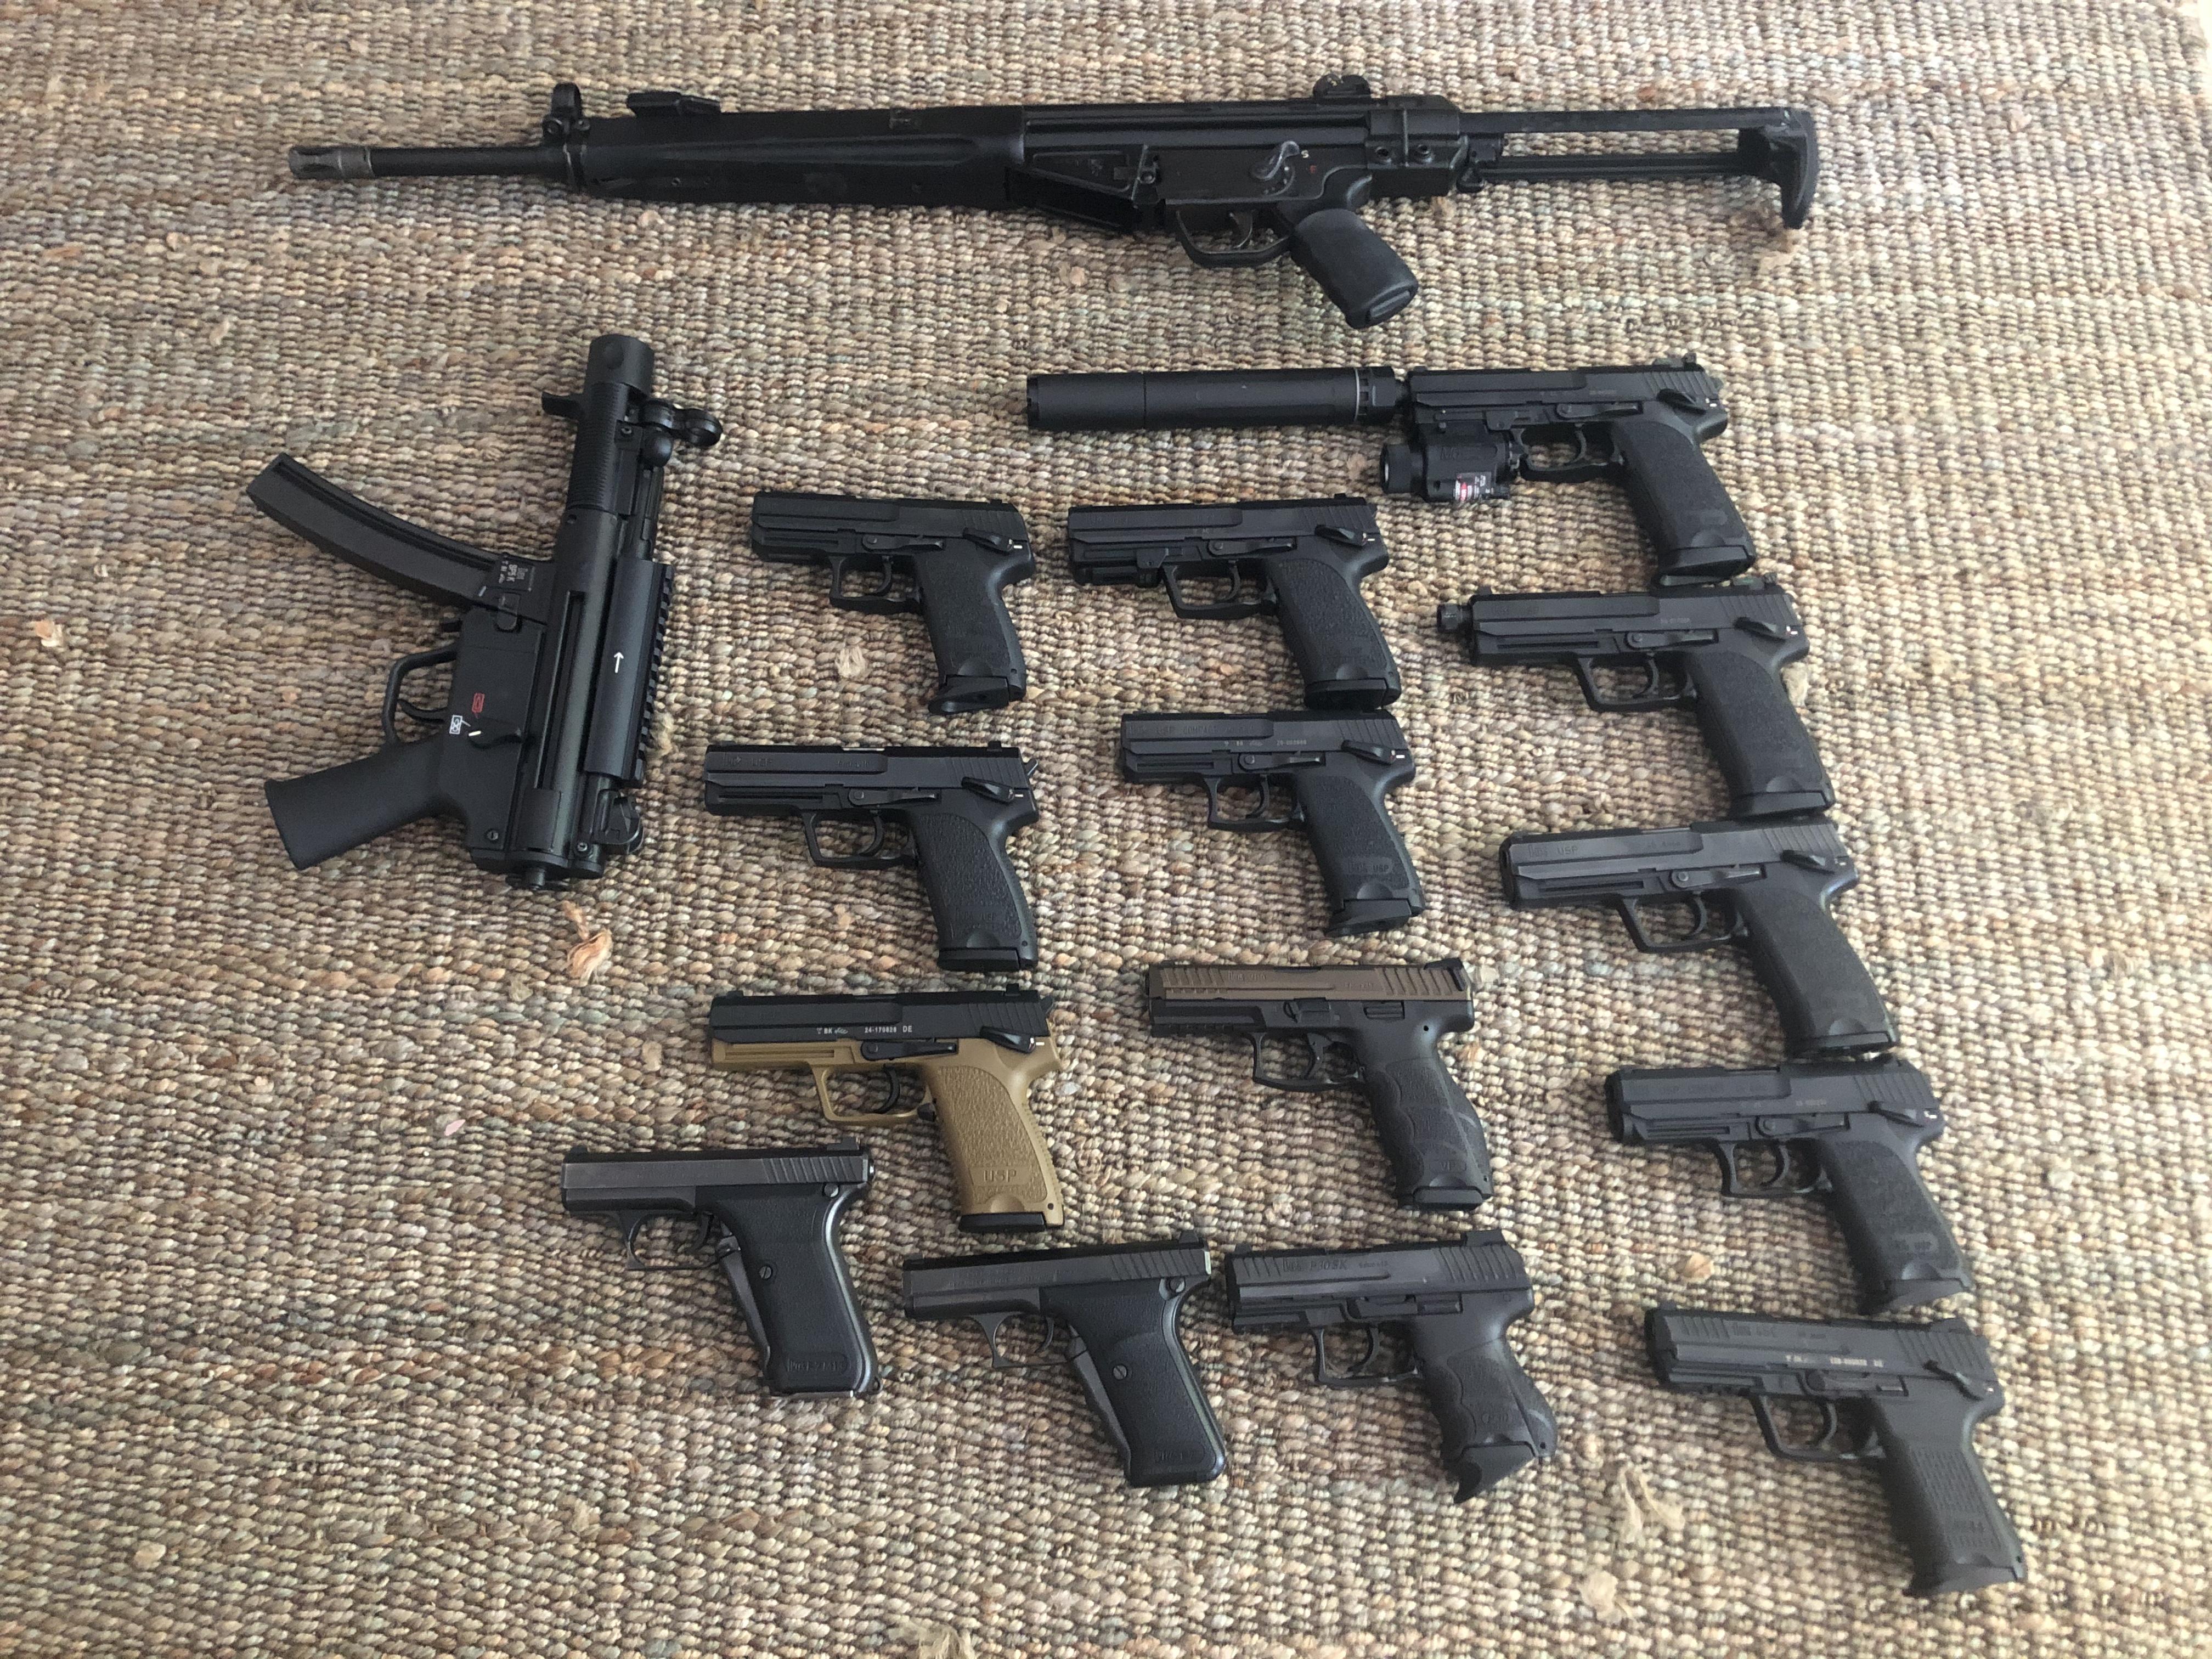 My modest HK collection-16afeb73-3527-4506-a58b-632fd58d8196.jpeg